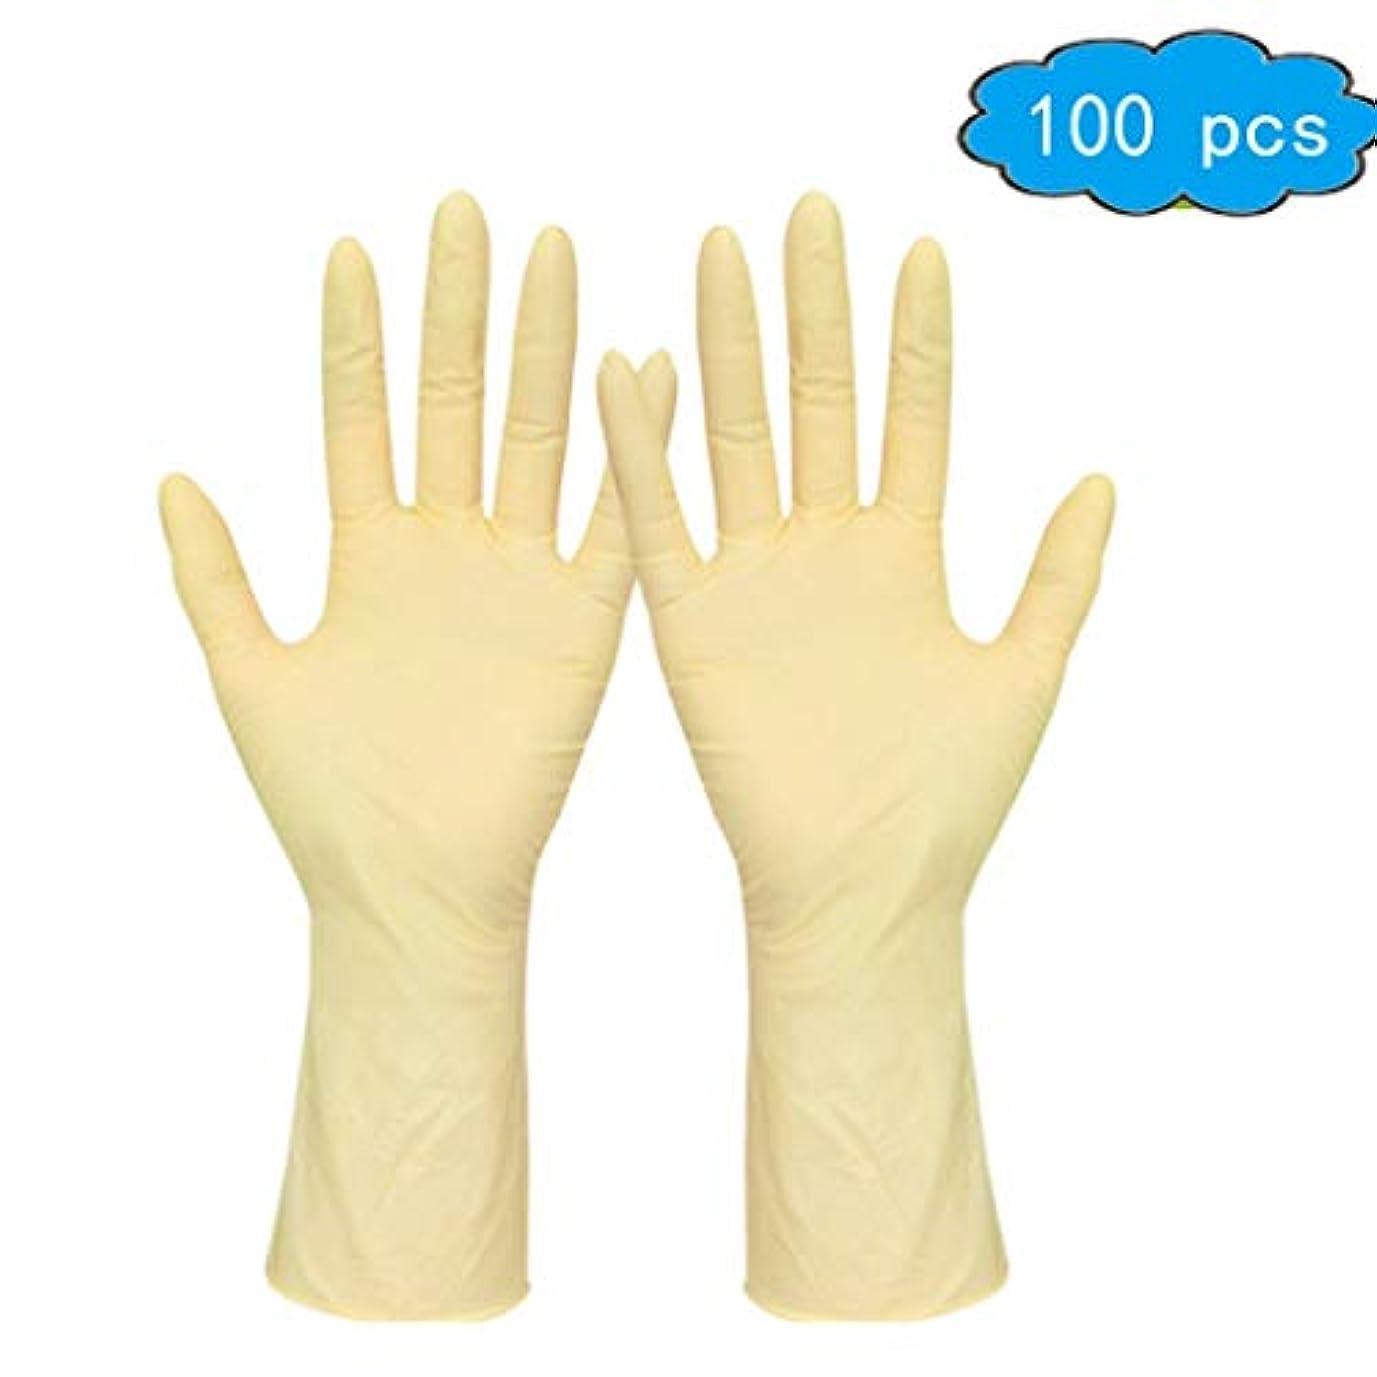 関係ない章ソフトウェア使い捨てラテックス手袋 - 100 /パック、ラボ、安全?作業手袋 (Color : Beige, Size : S)